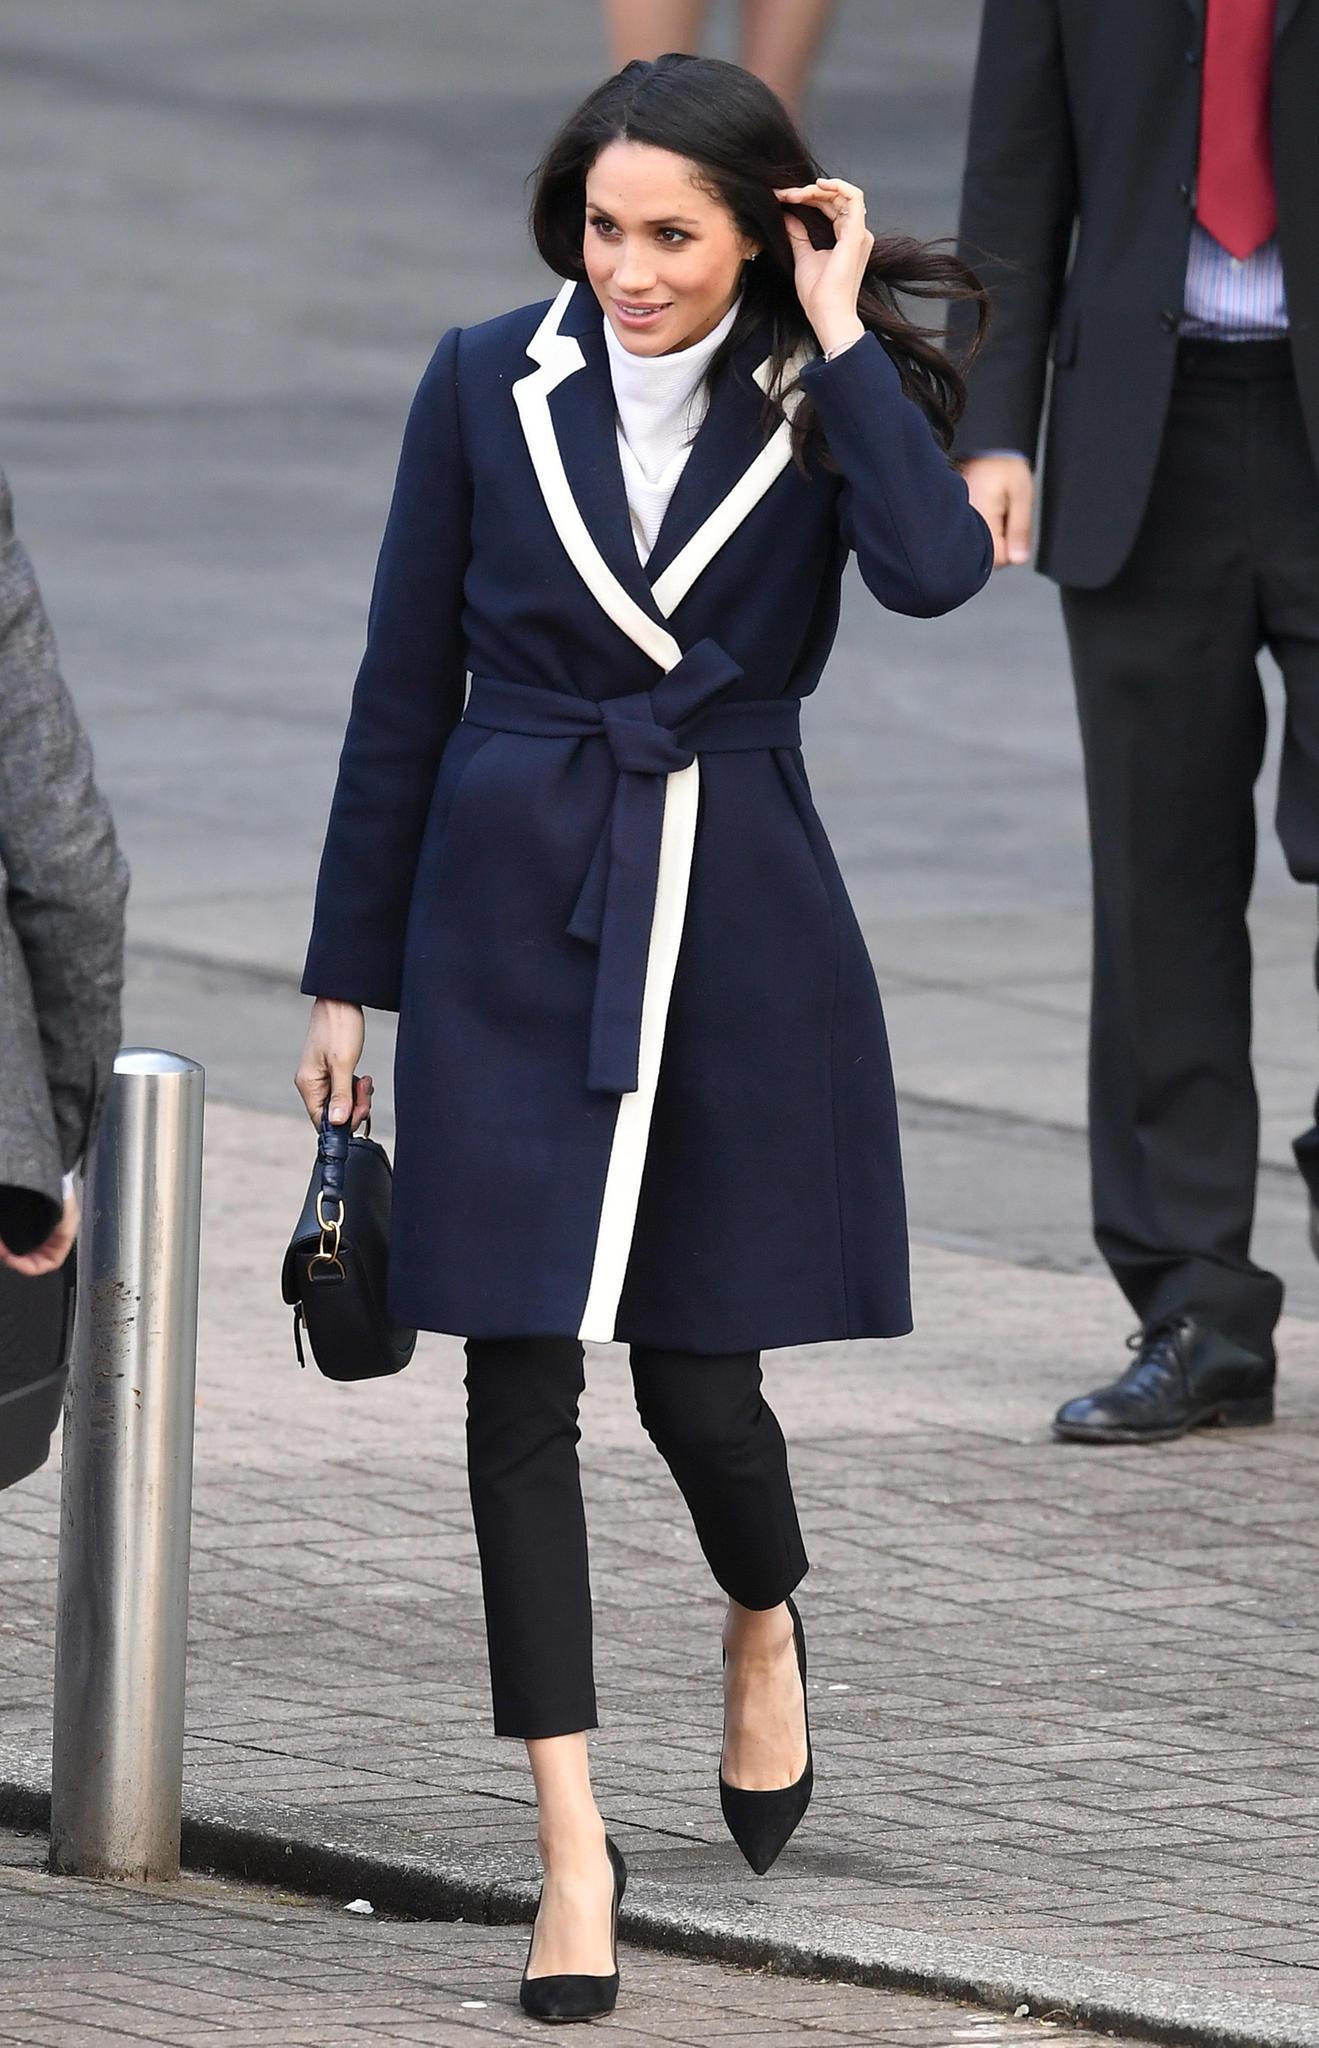 Für einen Besuch in Birmingham wählt Meghan einen stylischen, blauen Mantel mit weißem Revers. Der weiße Rollkragenpullover passt perfekt zum Kragen des Mantels vom amerikanischen Label J.Crew.